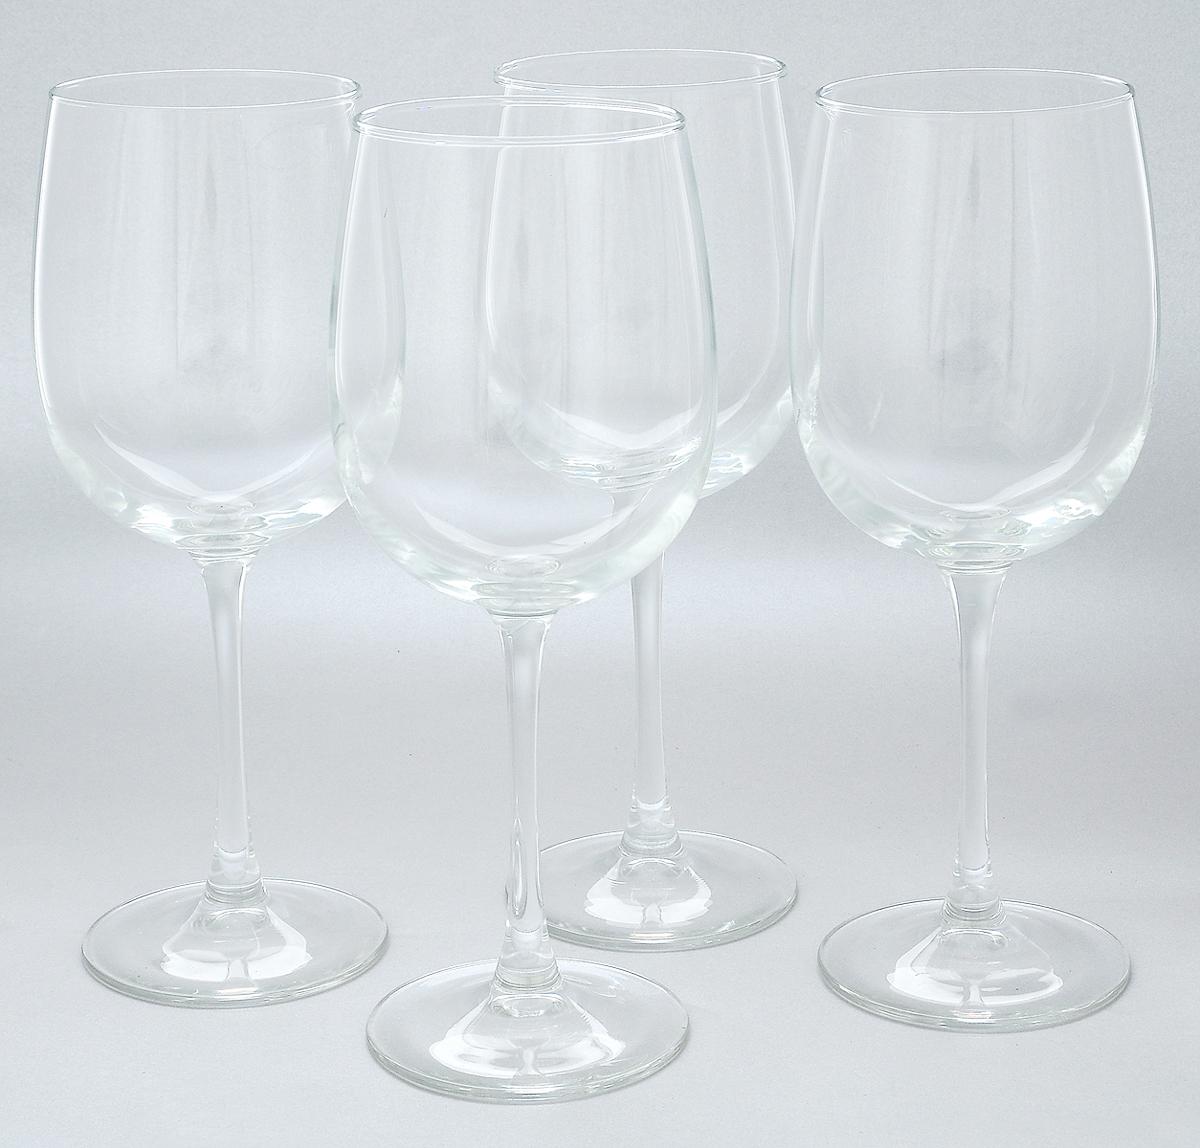 Набор бокалов для вина Luminarc Аллегресс, 550 мл, 4 штL1403Набор Luminarc Аллегресс состоит из четырех бокалов, выполненных из прочного натрий-кальций-силикатного стекла. Изделия оснащены высокими ножками и предназначены для подачи вина. Они сочетают в себе элегантный дизайн и функциональность. Набор бокалов Luminarc Аллегресс прекрасно оформит праздничный стол и создаст приятную атмосферу за романтическим ужином. Такой набор также станет хорошим подарком к любому случаю. Диаметр бокала (по верхнему краю): 7,5 см. Высота бокала: 23 см.